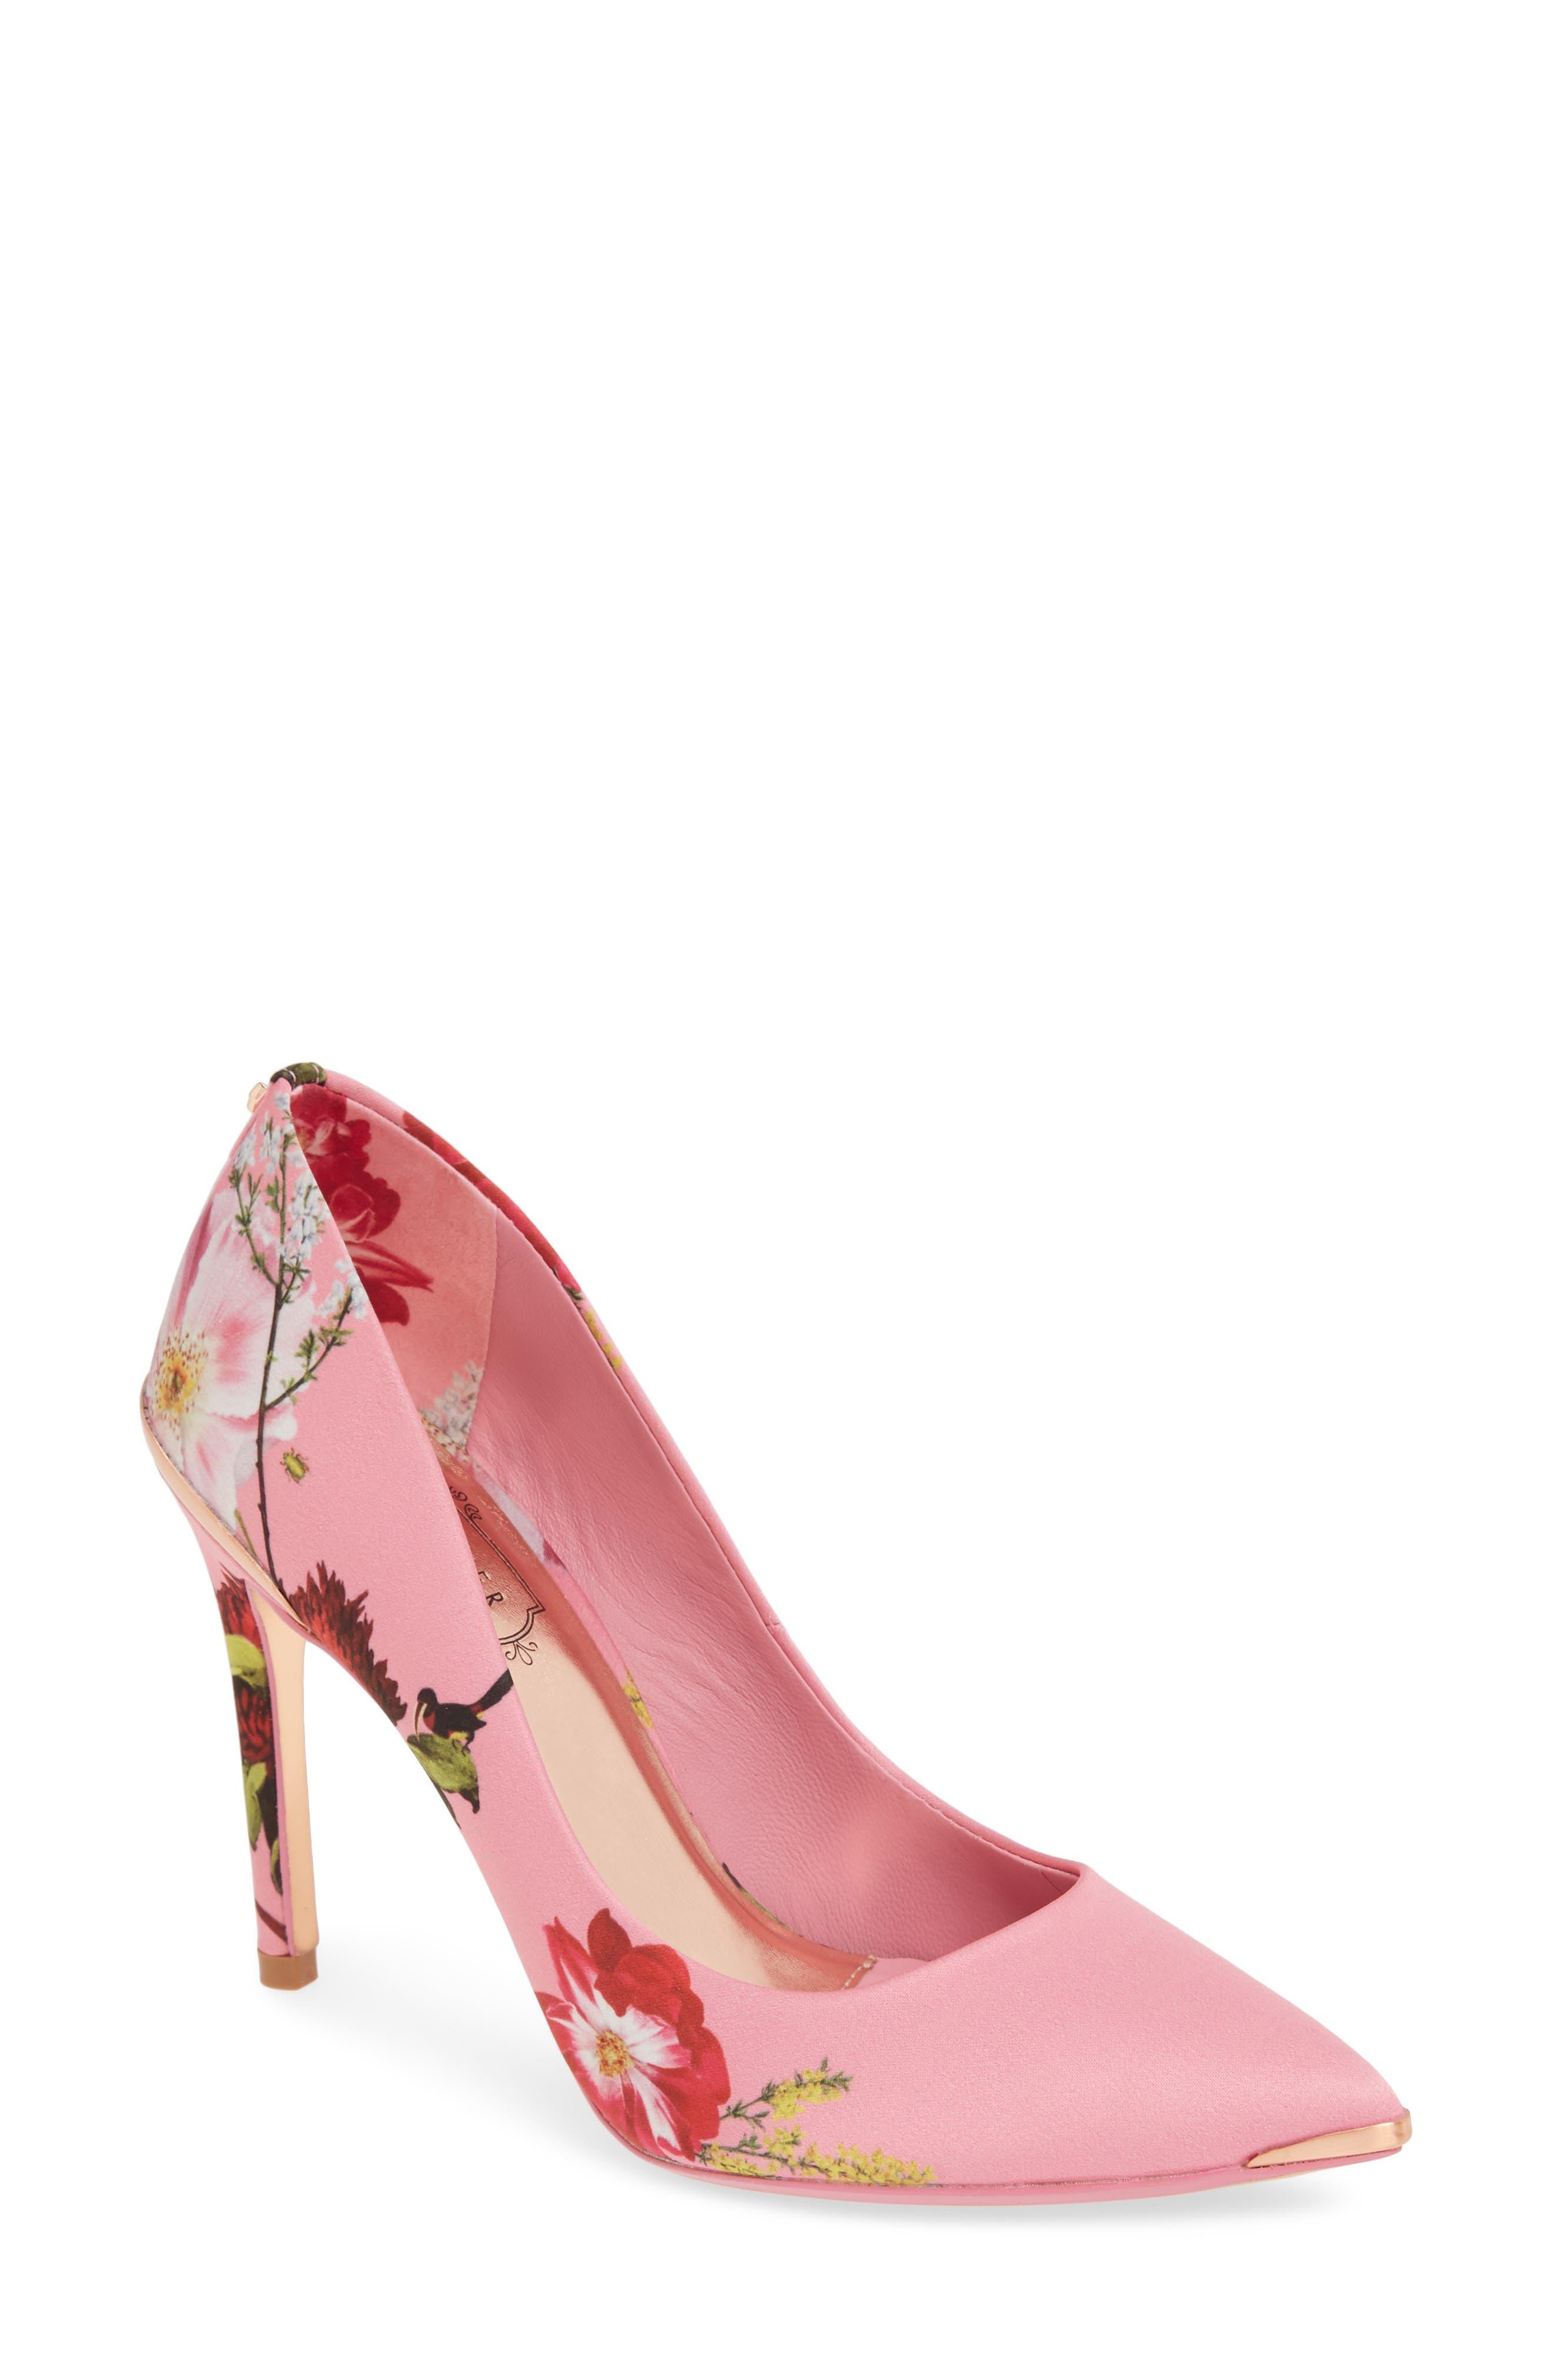 Ted Baker London Izibelp Pump, Pink